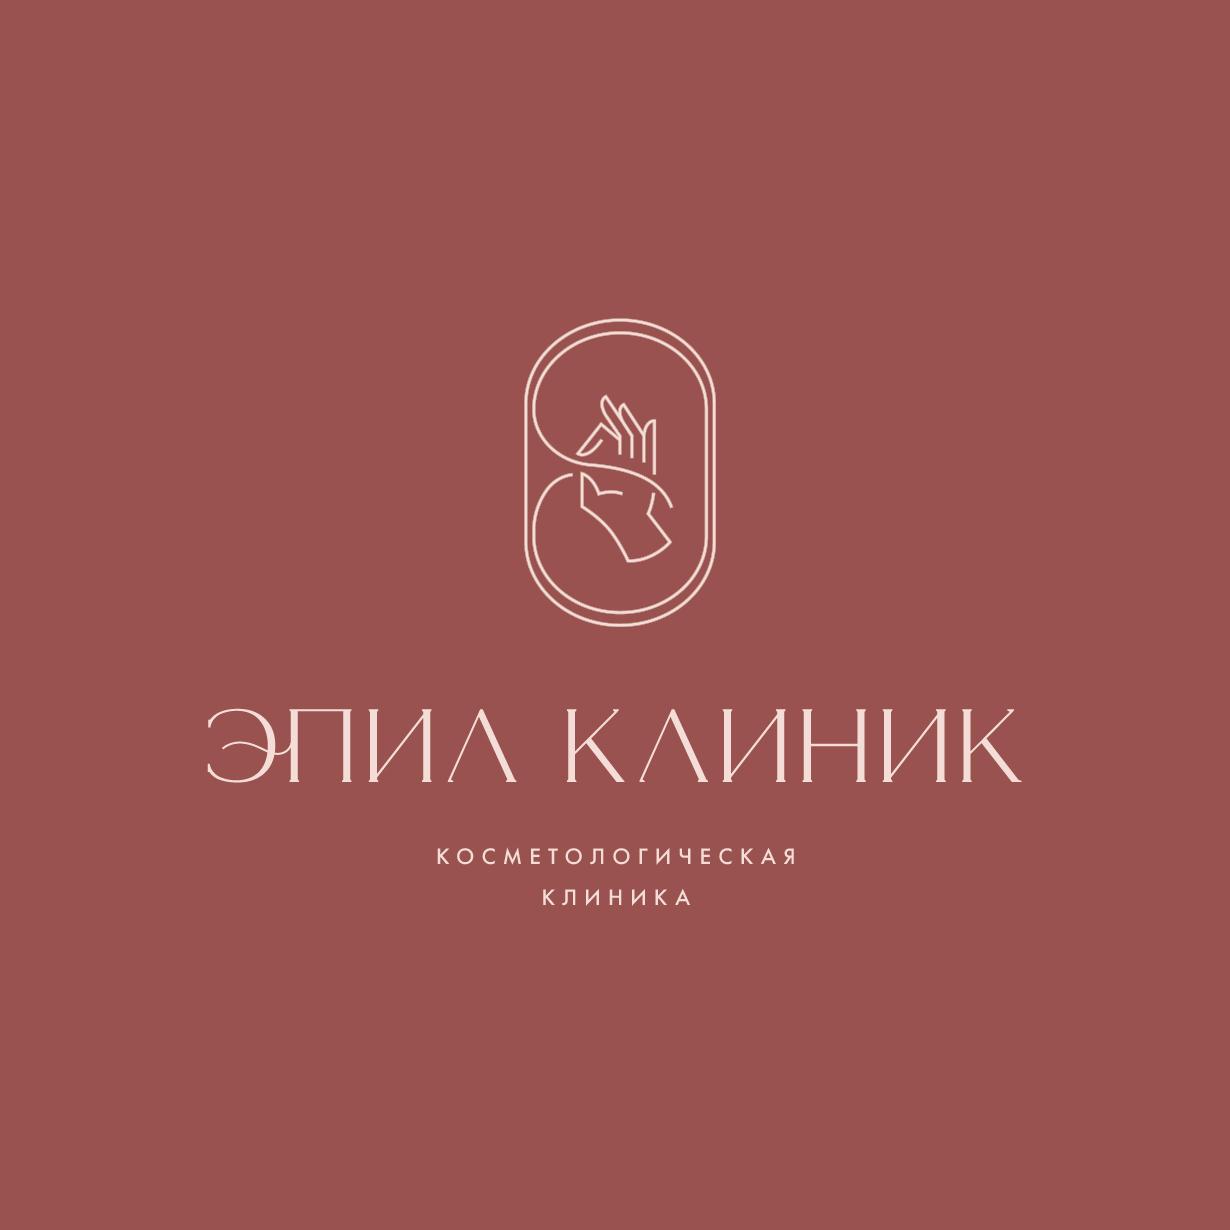 Логотип , фирменный стиль  фото f_3025e1e27fc07387.jpg